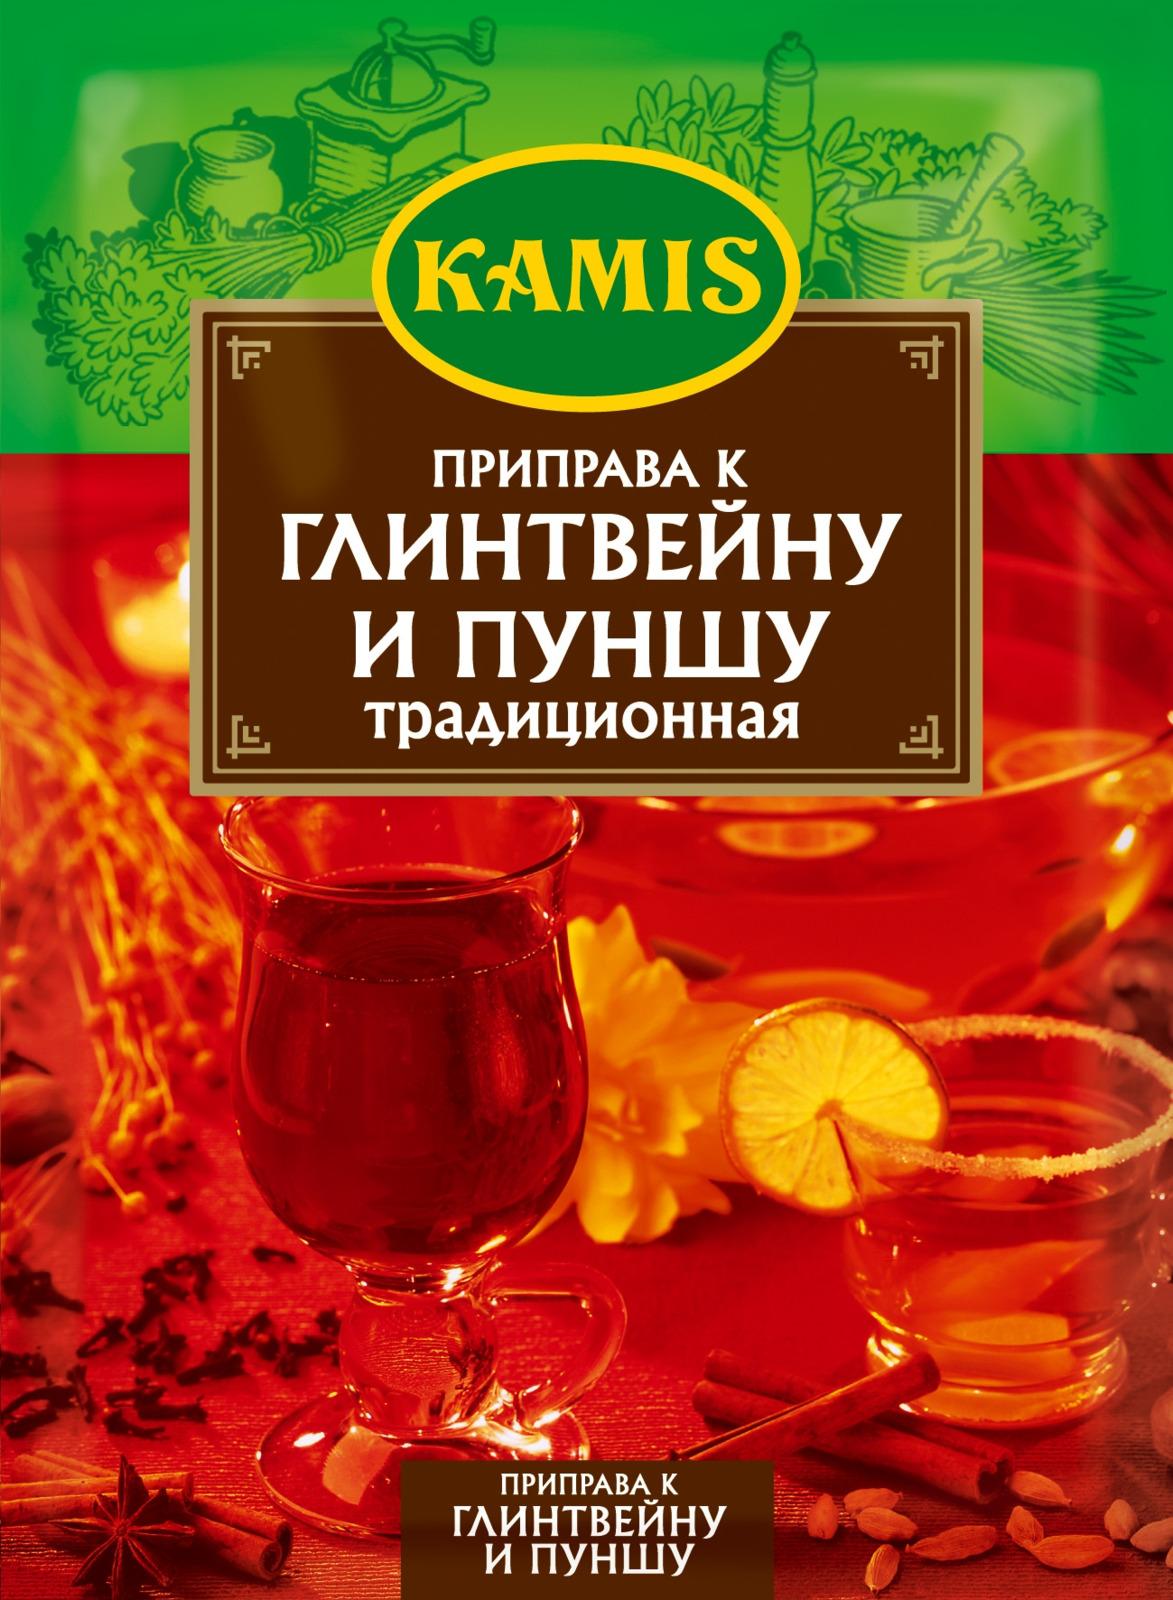 Приправа Kamis Традиционная, к глинтвейну и пуншу, 10 г